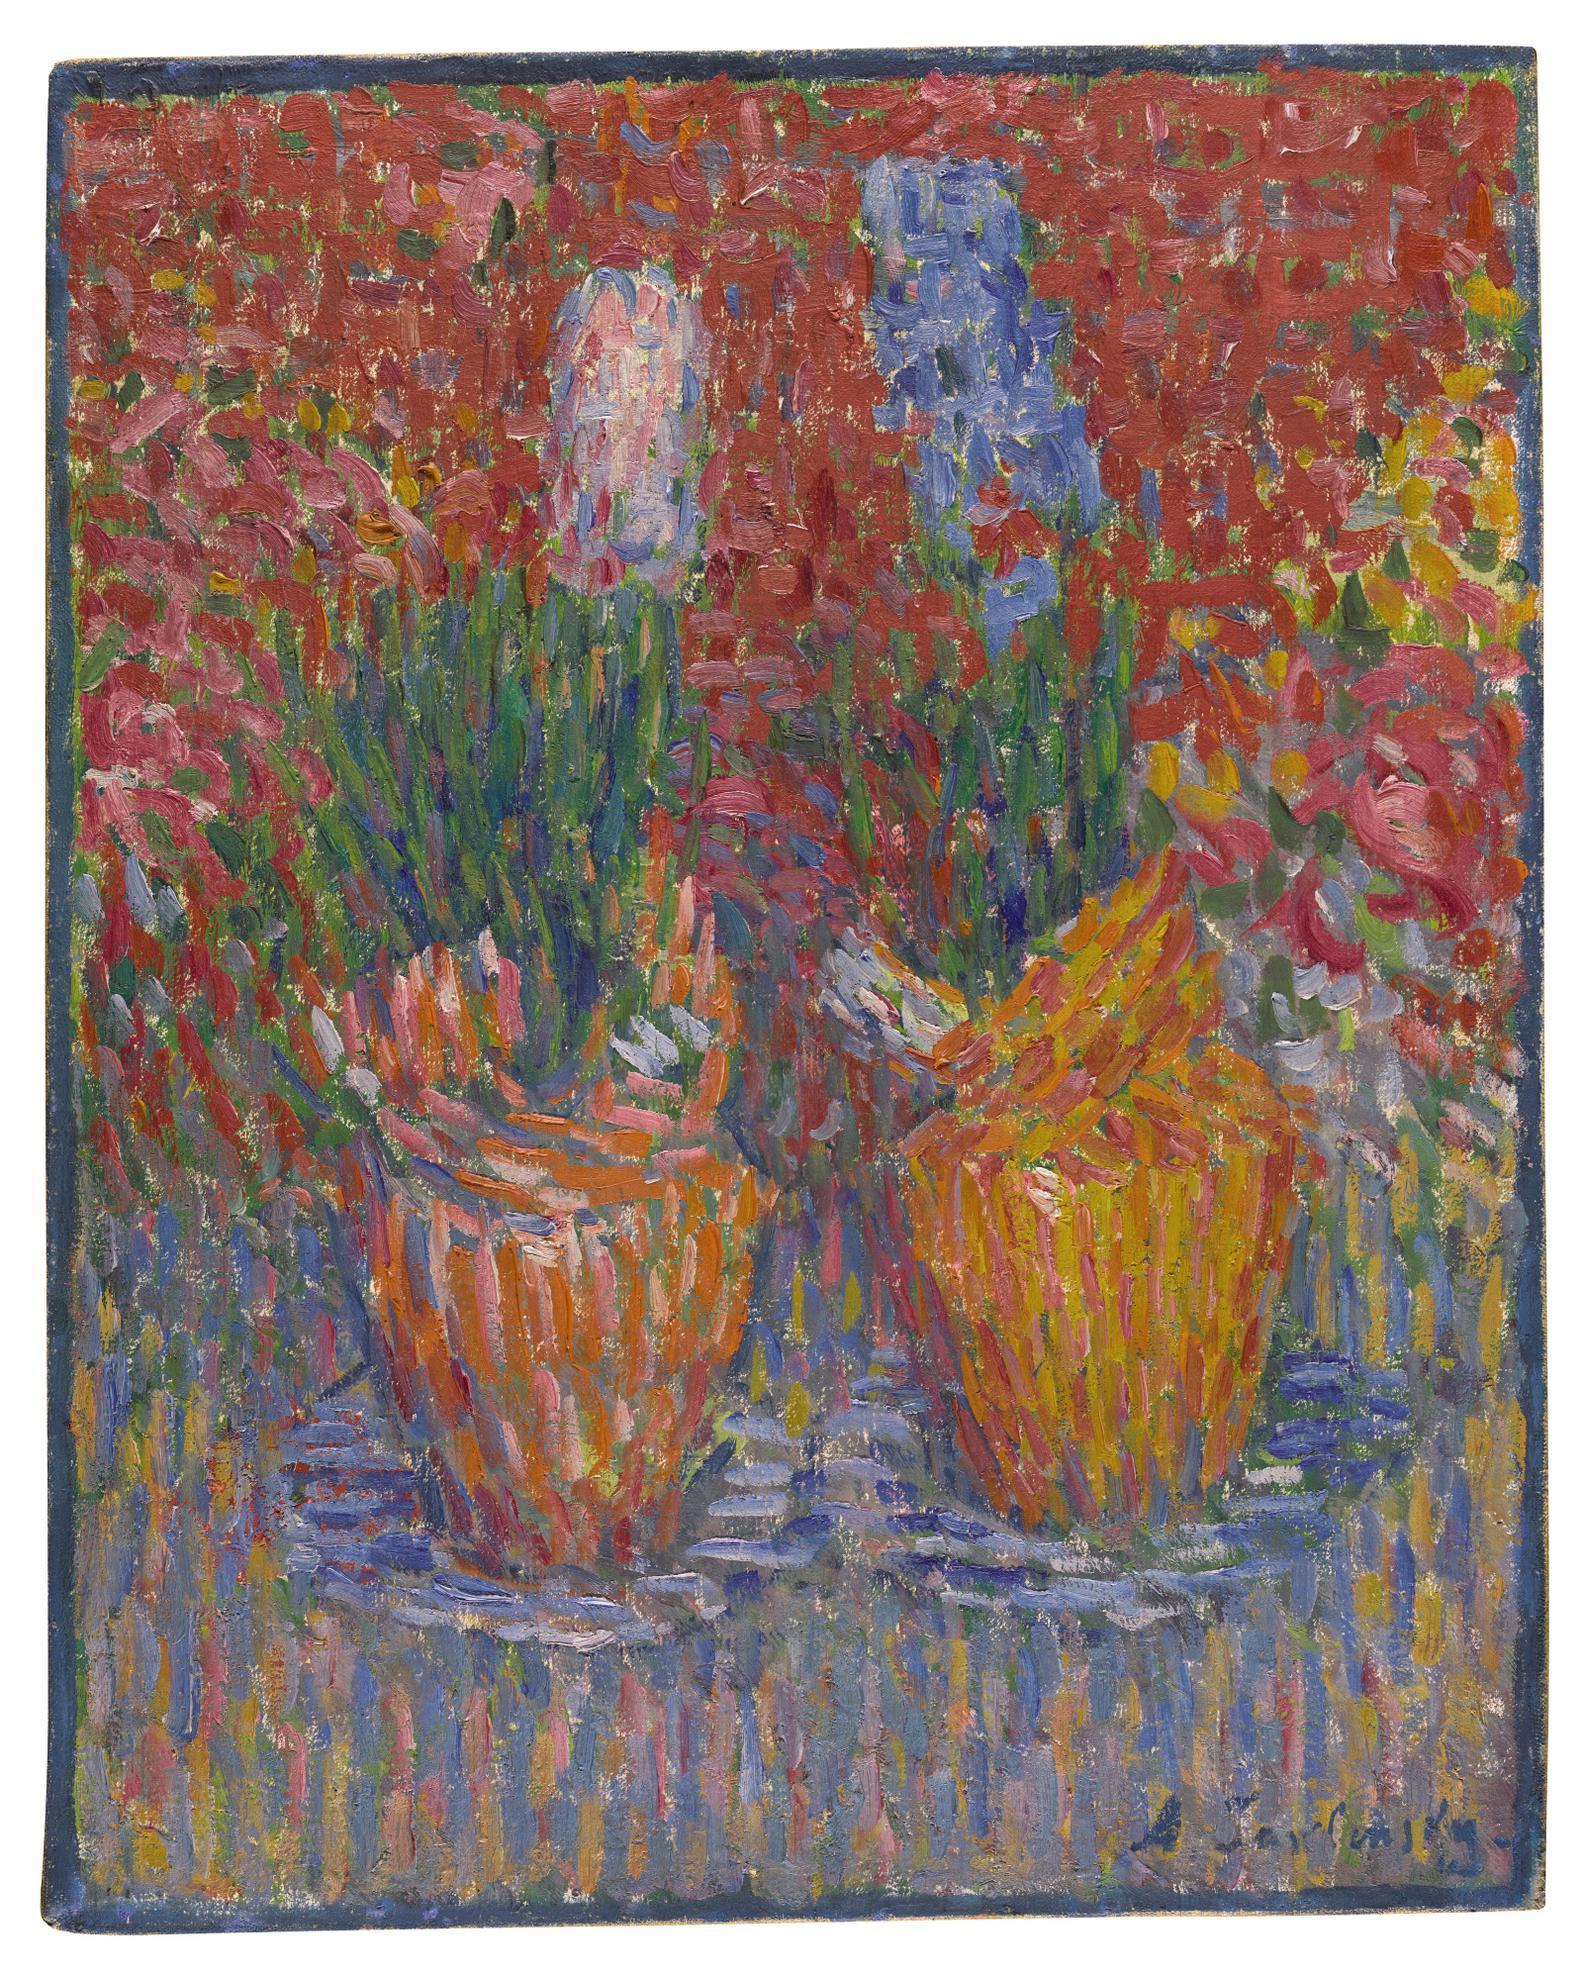 Alexej von Jawlensky-Hyazinthentopfe (Hyacinth Pots)-1902